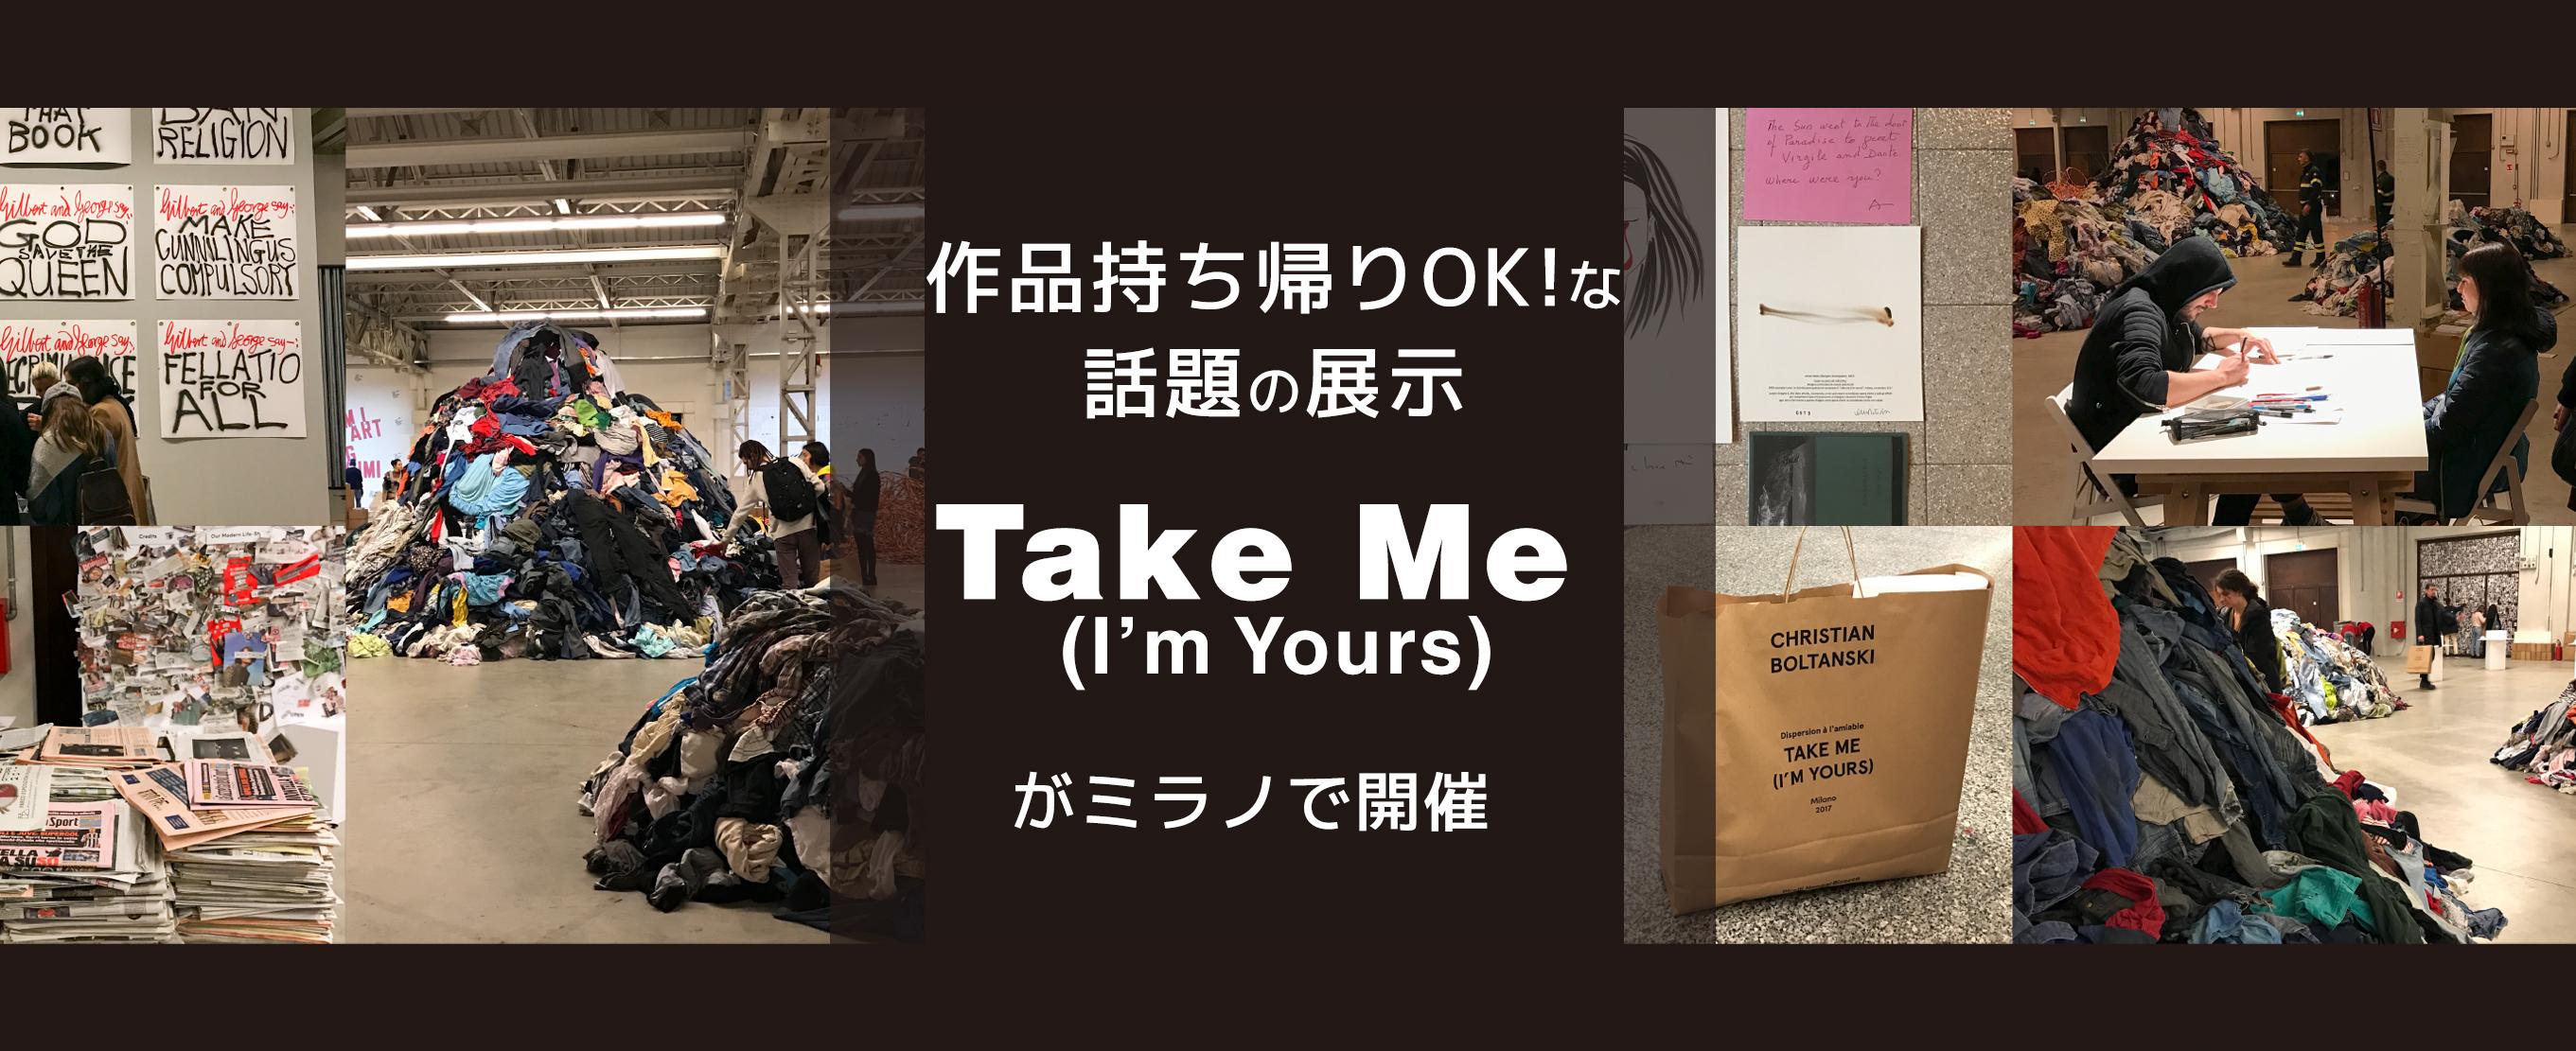 作品持ち帰りOK!な話題の展示「Take Me (I'm Yours)」がミラノで開催